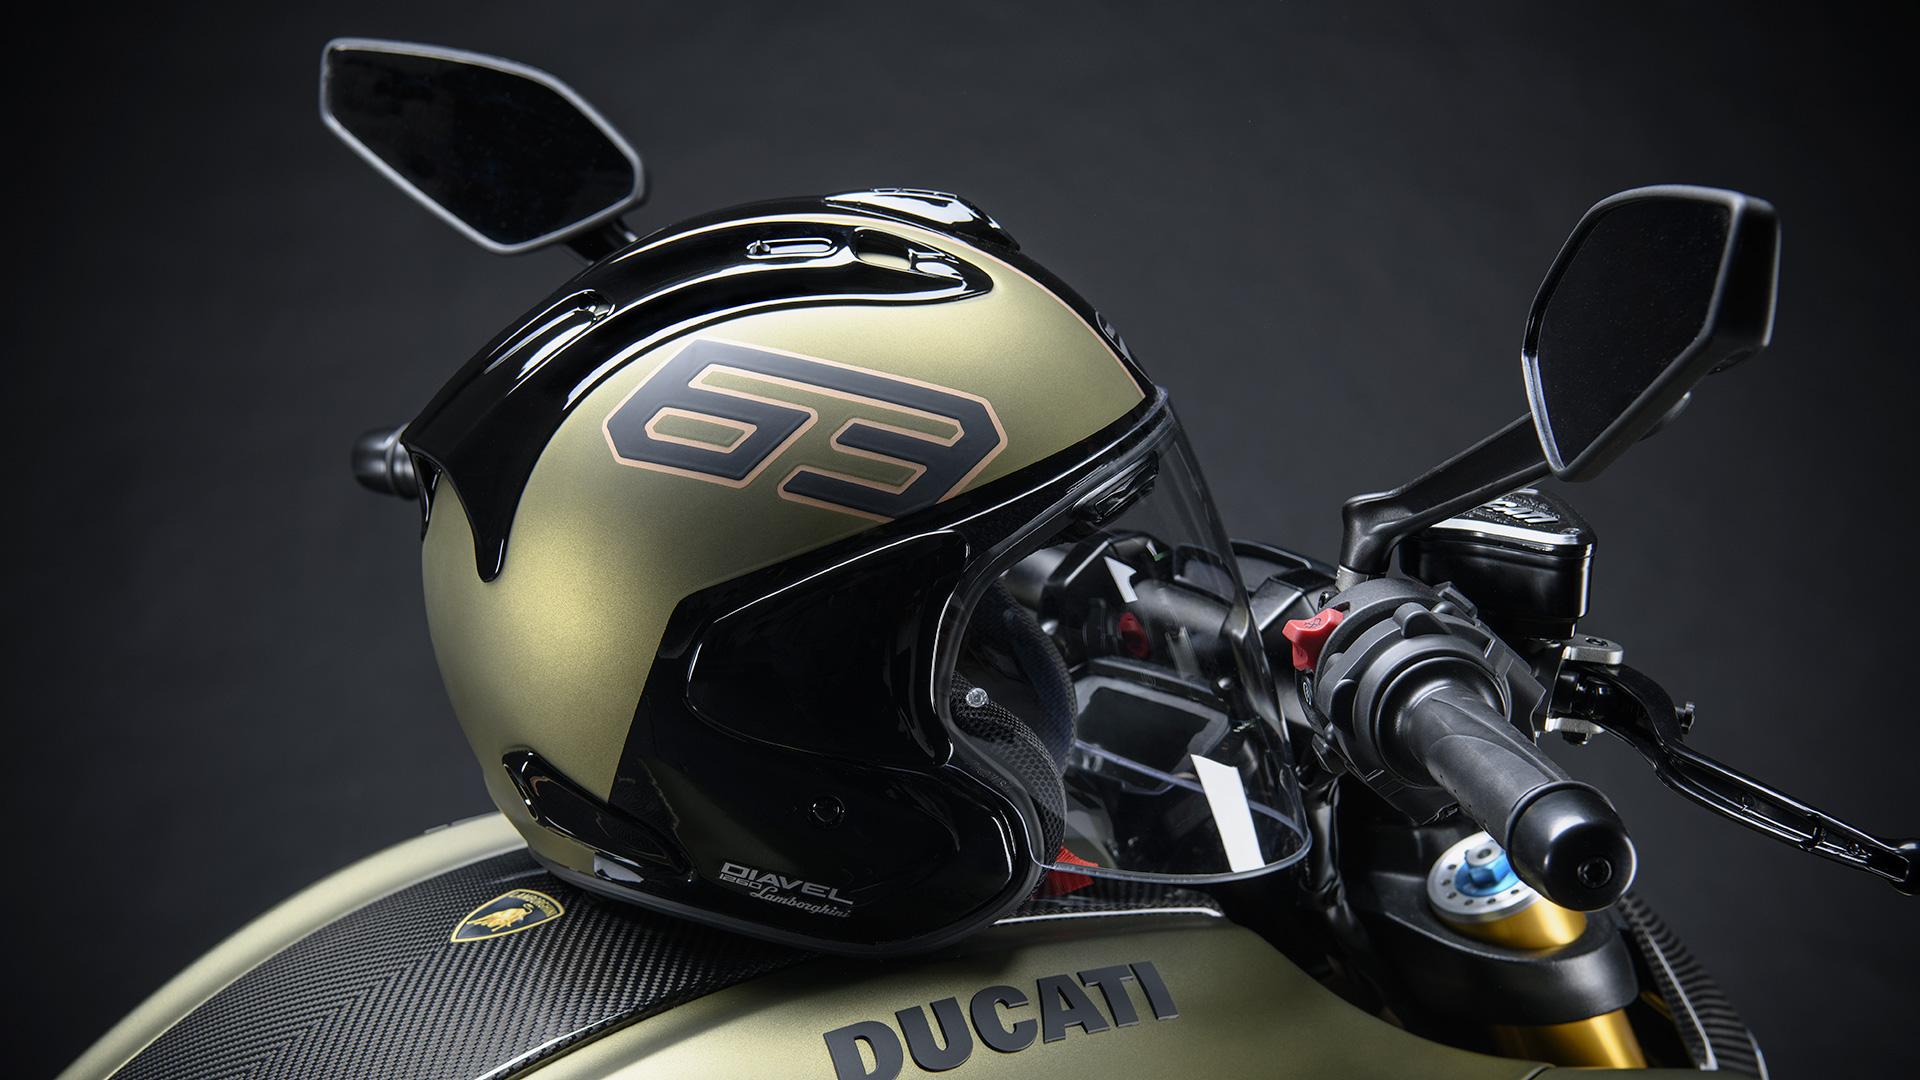 Centro Stile Ducati helmet